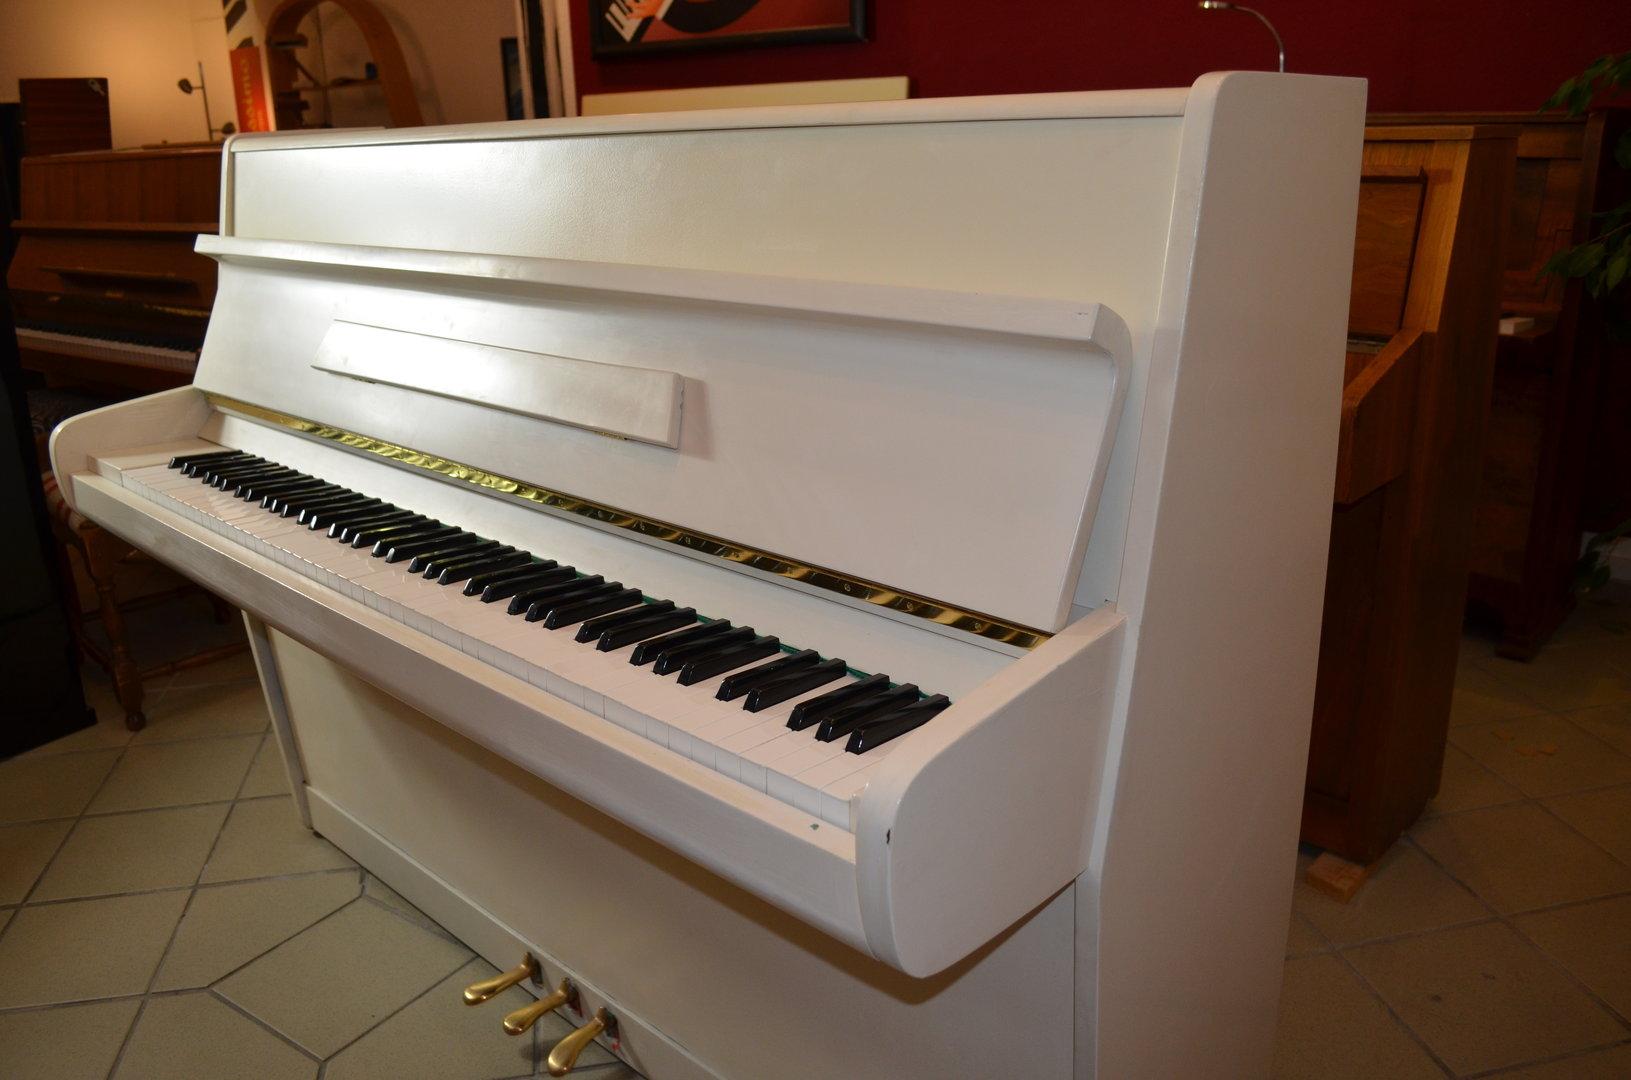 markenklaviere ab 599 wei es klavier moderne form. Black Bedroom Furniture Sets. Home Design Ideas